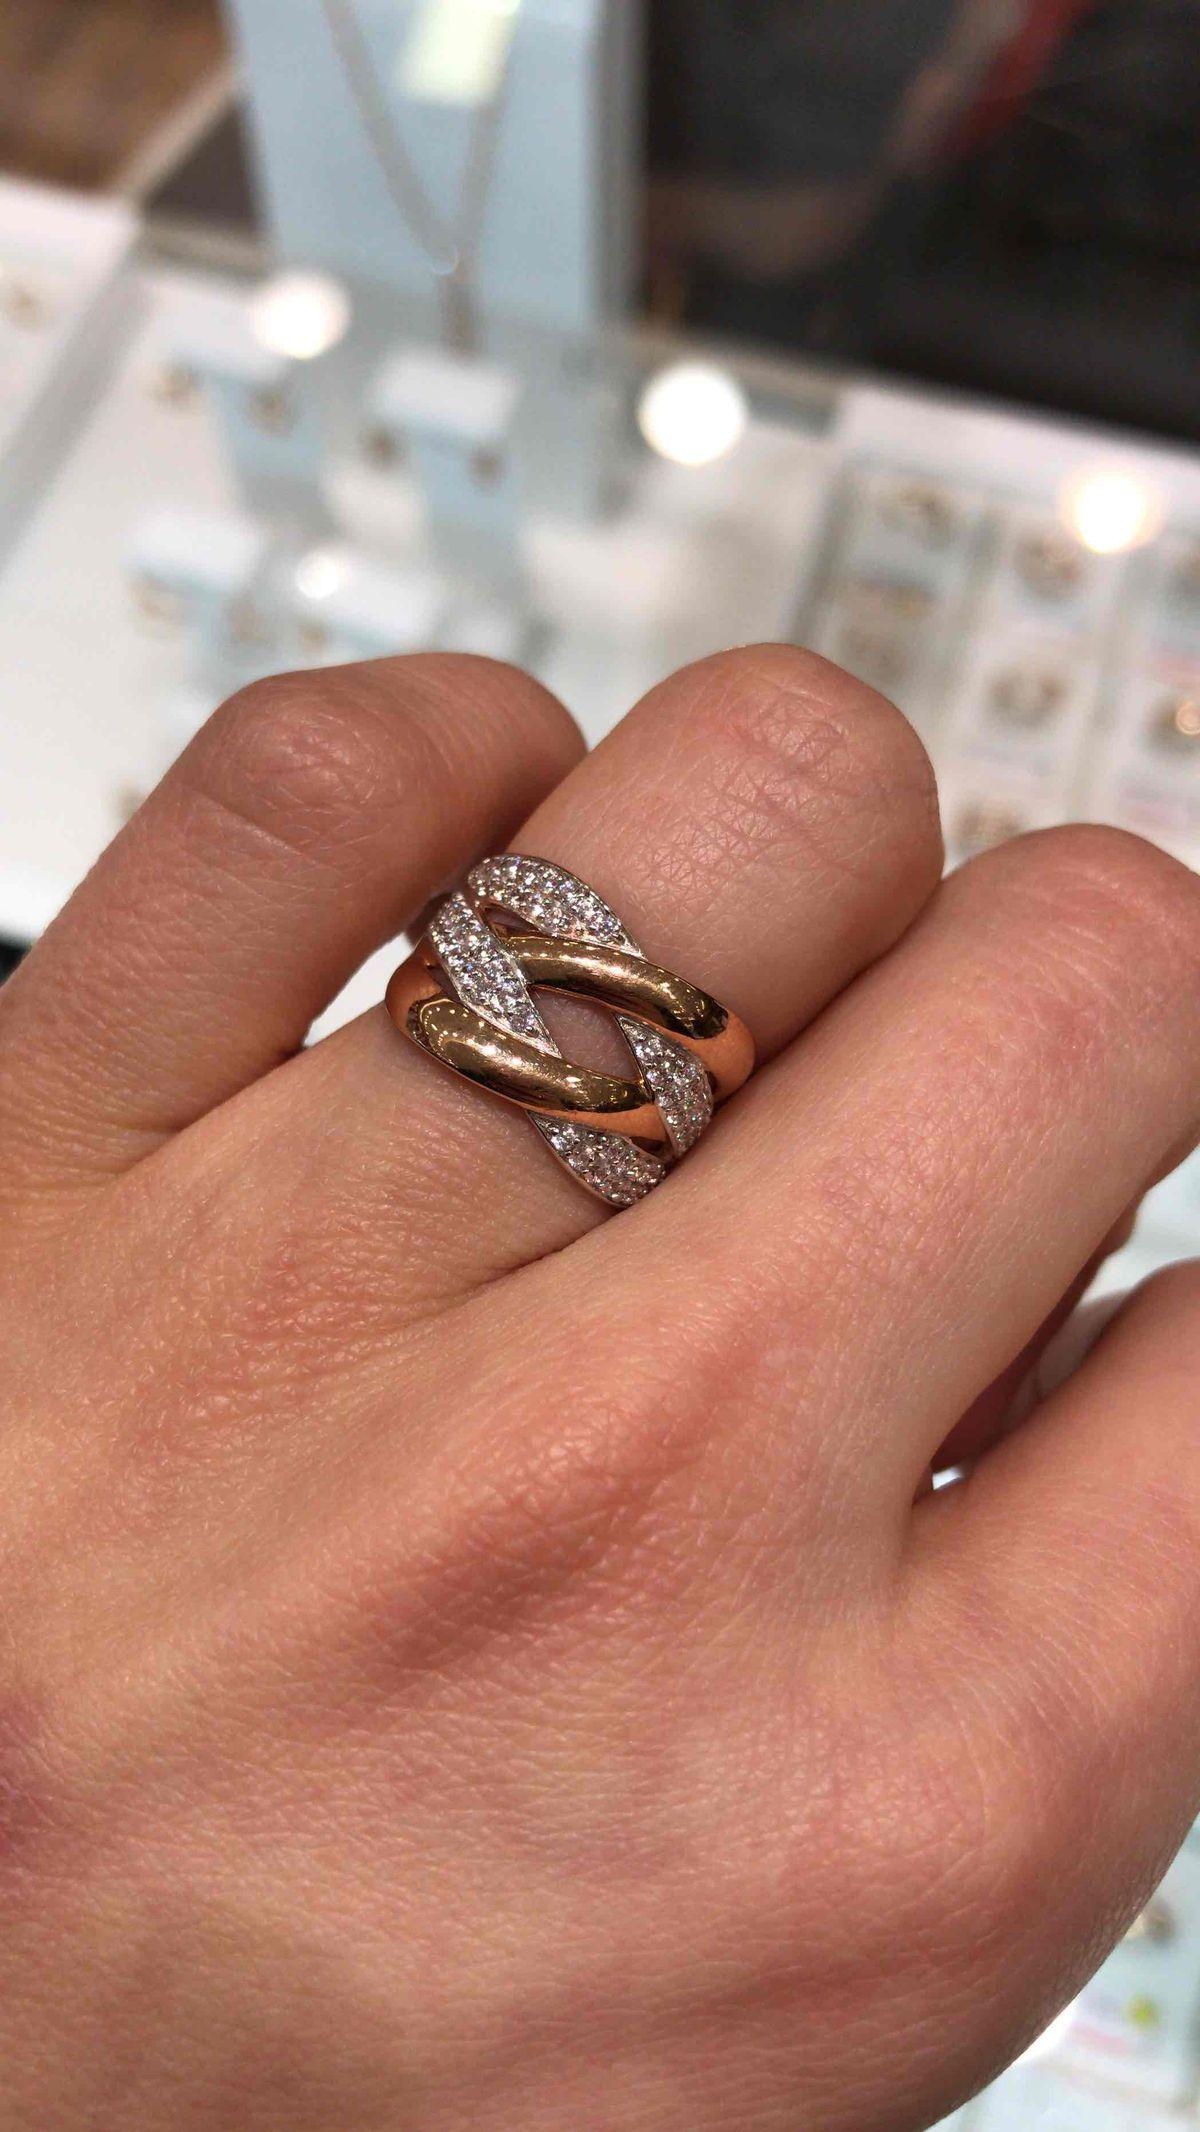 Я влюблена в кольцо давно на него смотрела